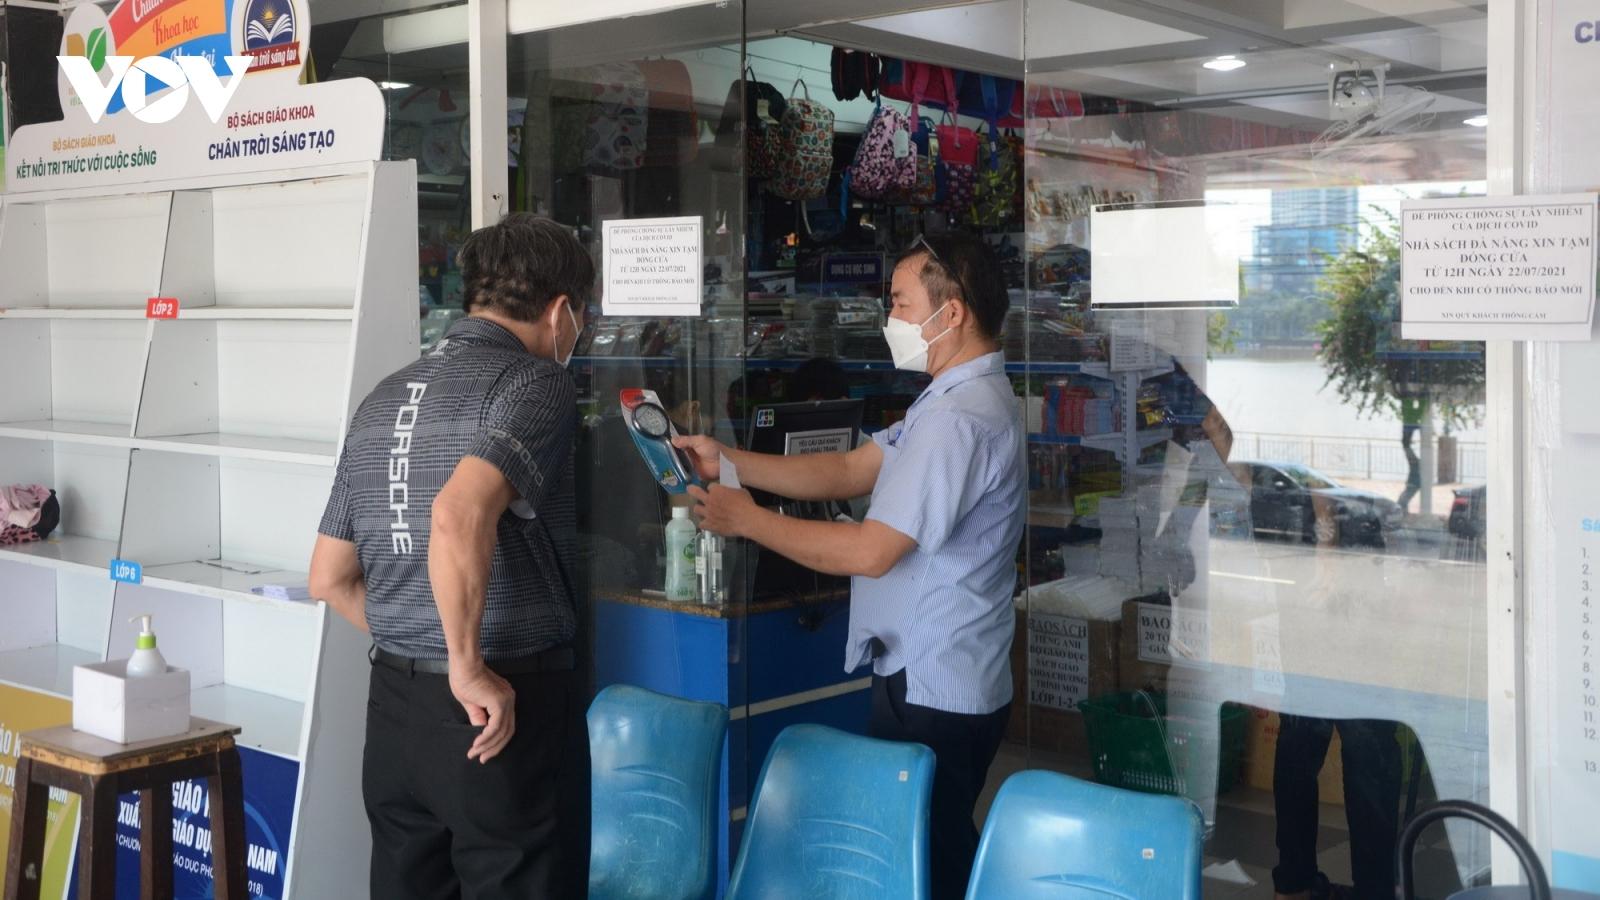 Nhiều nhà sách ở Đà Nẵng mở cửa trở lại, kịp giao đơn hàng đến học sinh